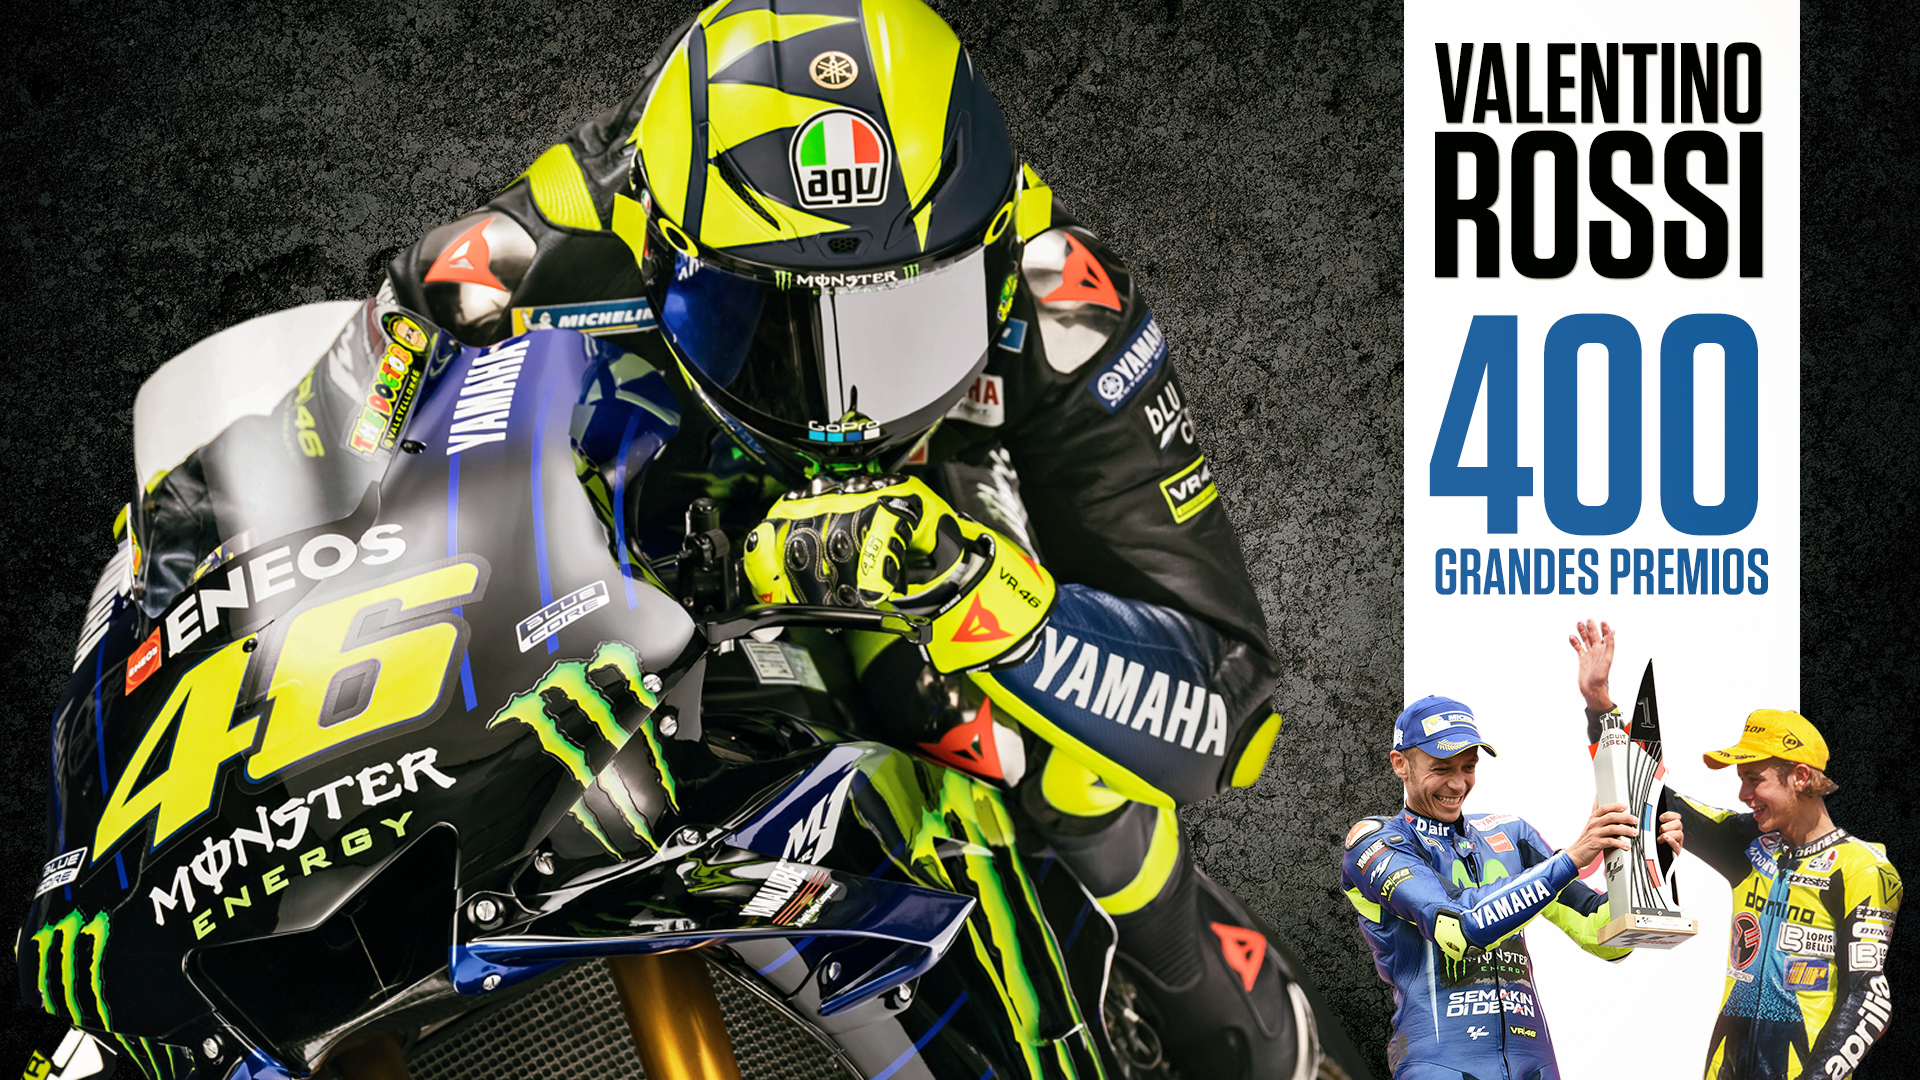 Los 400 grandes premios de Valentino Rossi: posiciones, circuitos, motos y rivales